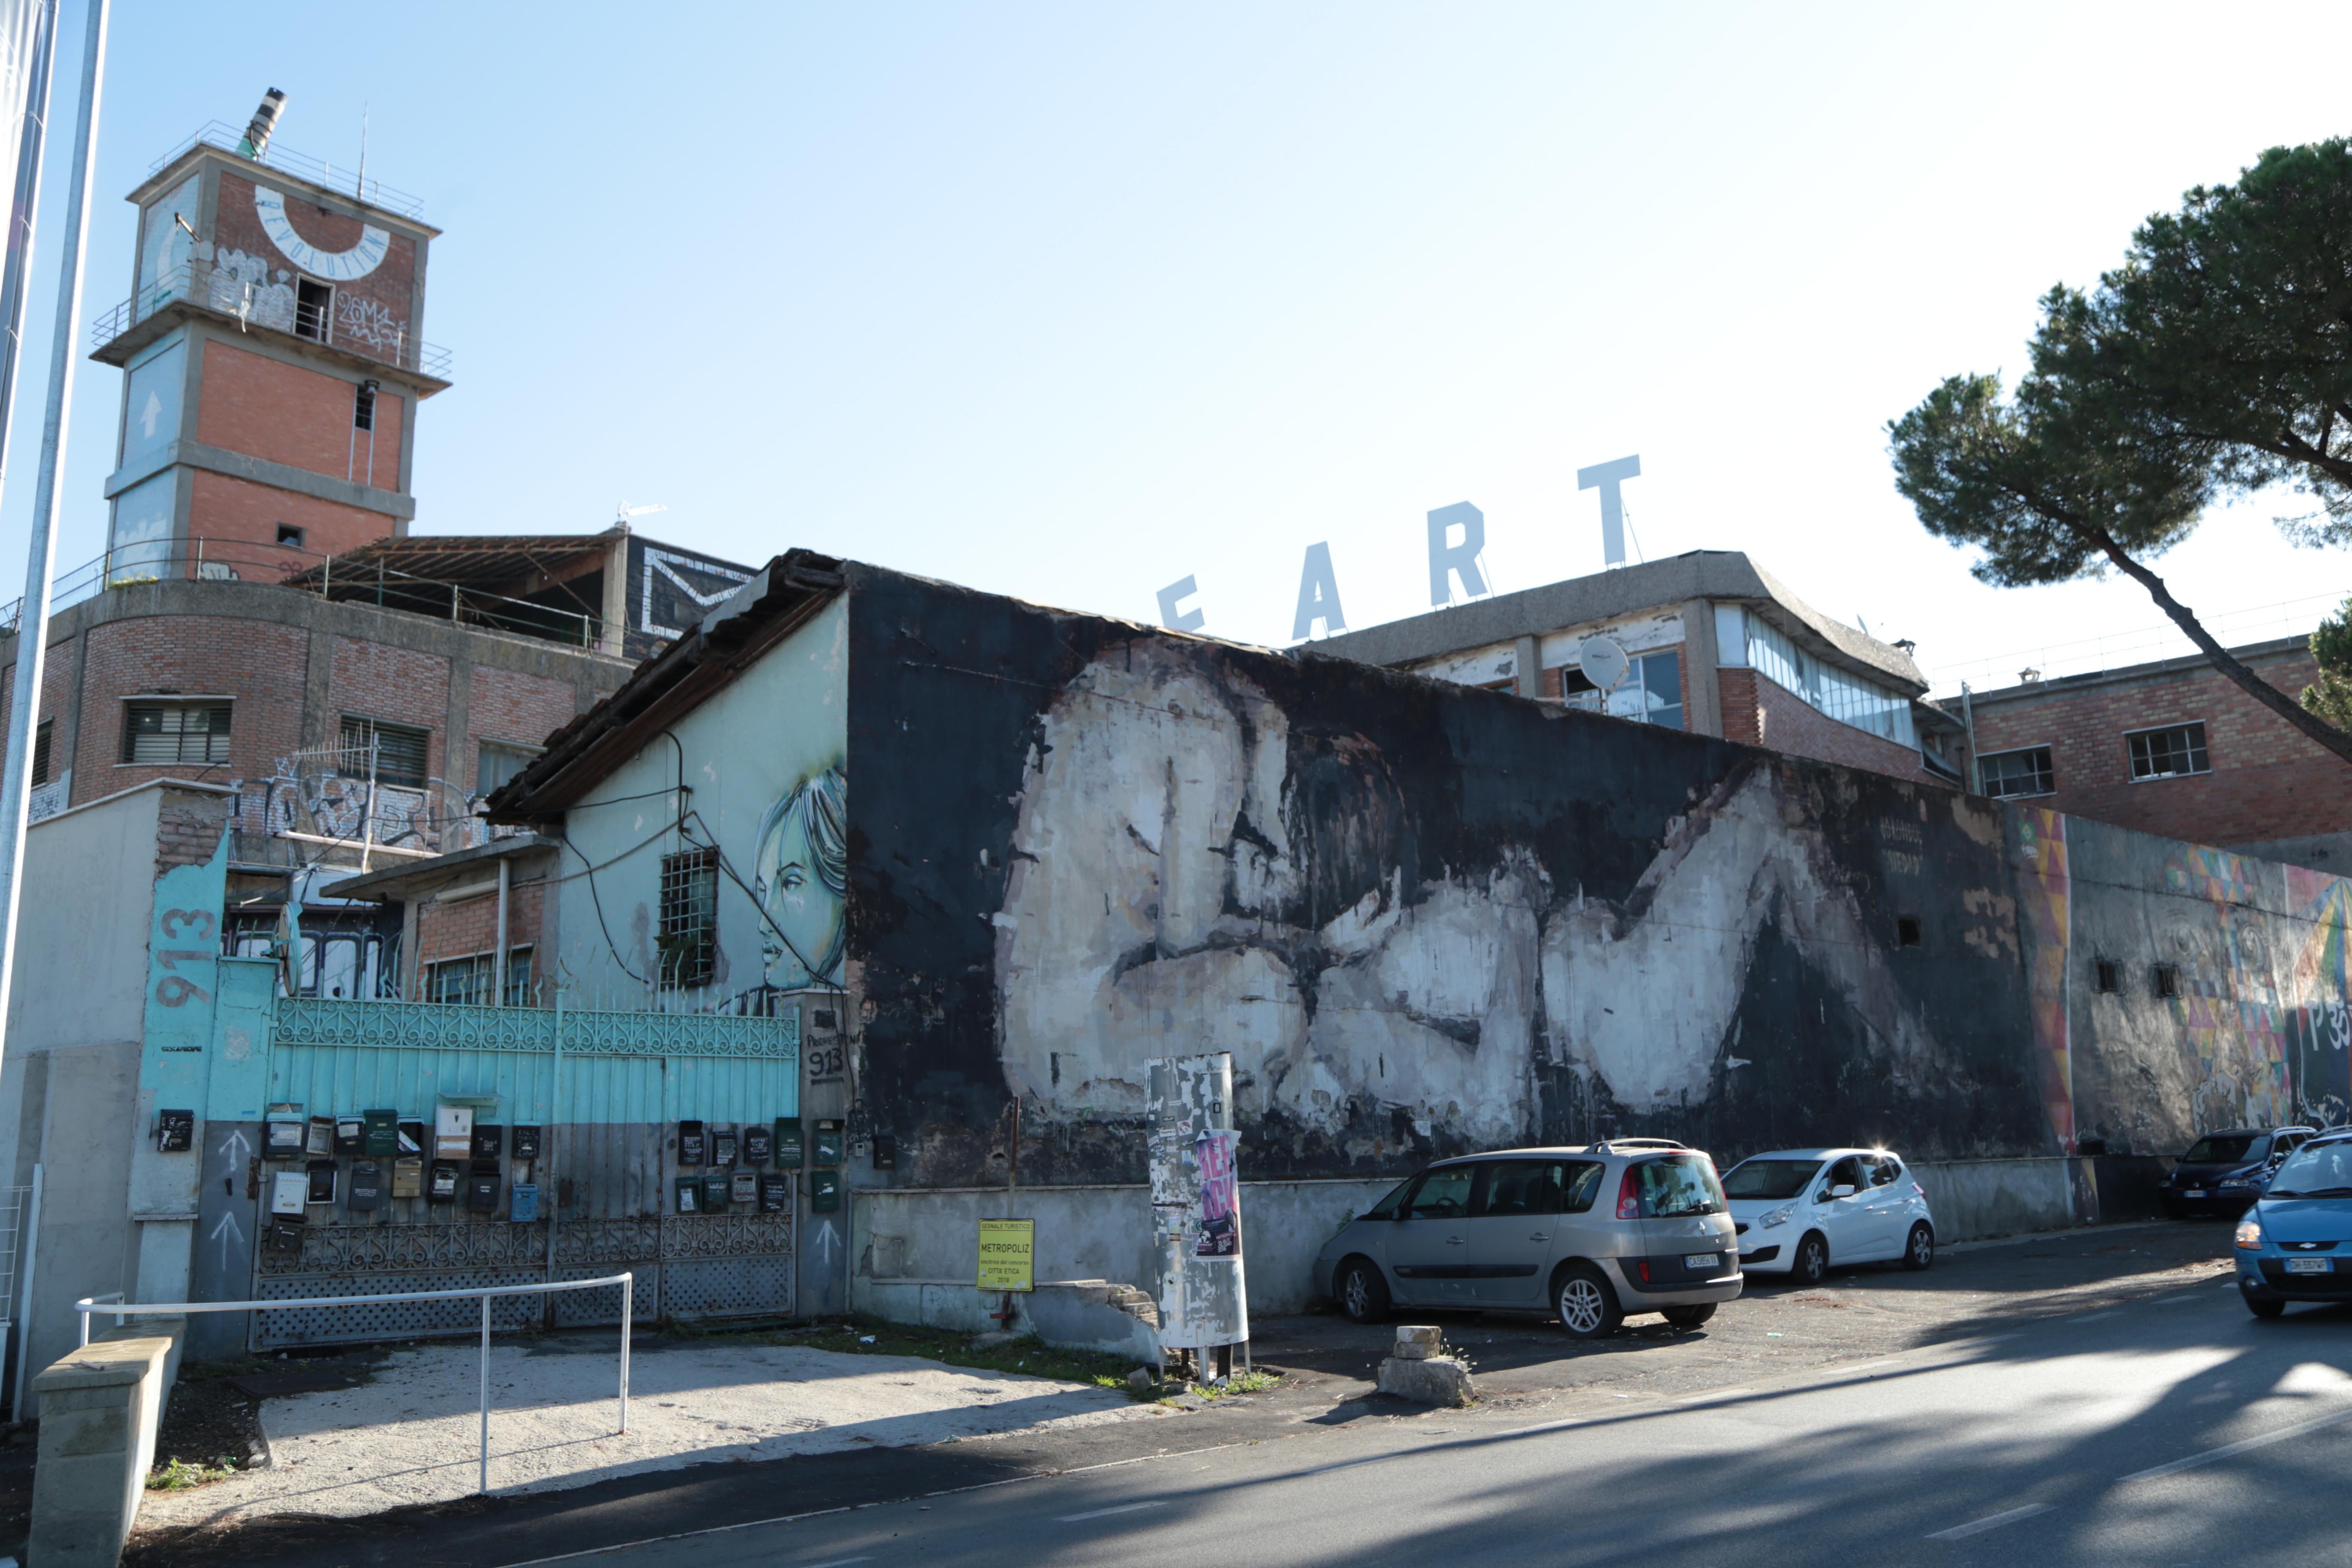 La facciata dell'Ex Fabbrica Fiouricci in via Prenestina 913 a Roma, uno dei casi più emblematici di occupazione abusiva / Paolo Codato